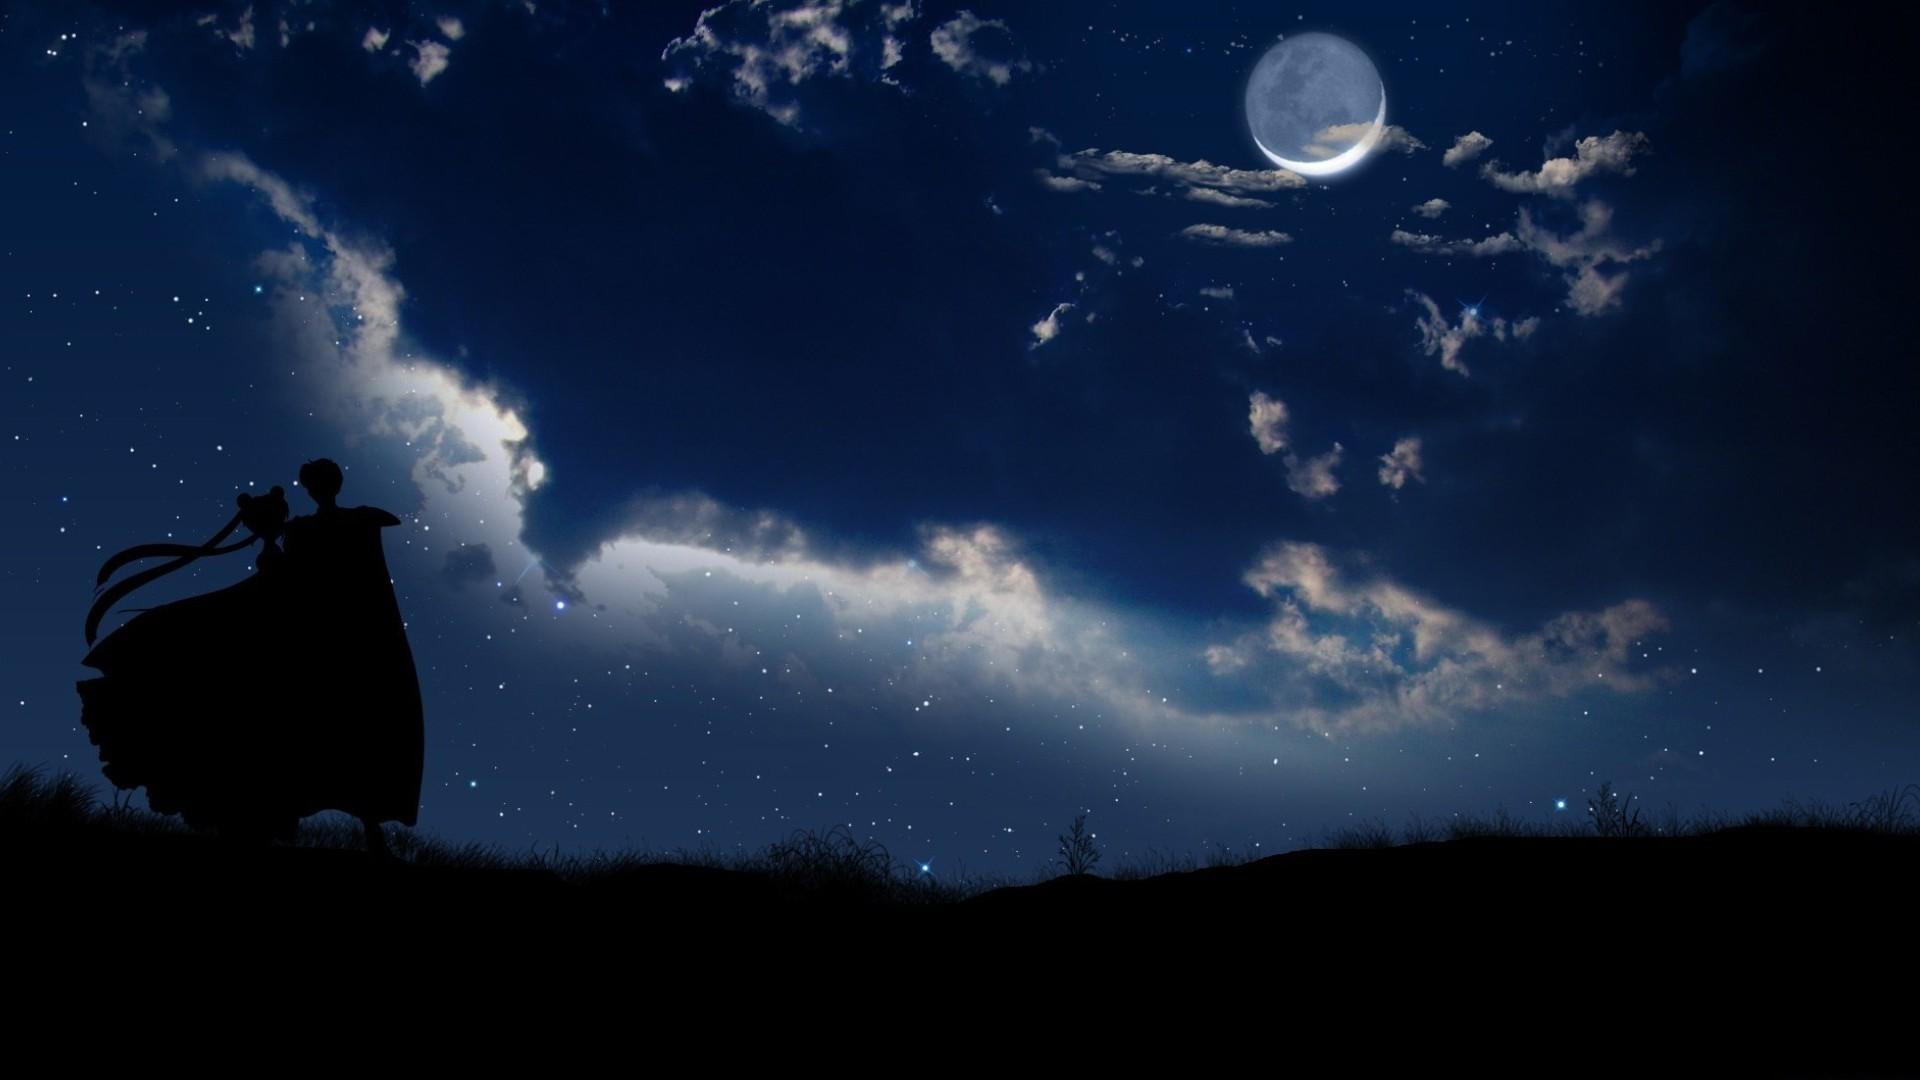 Hình ảnh lãng mạn trong đêm trăng